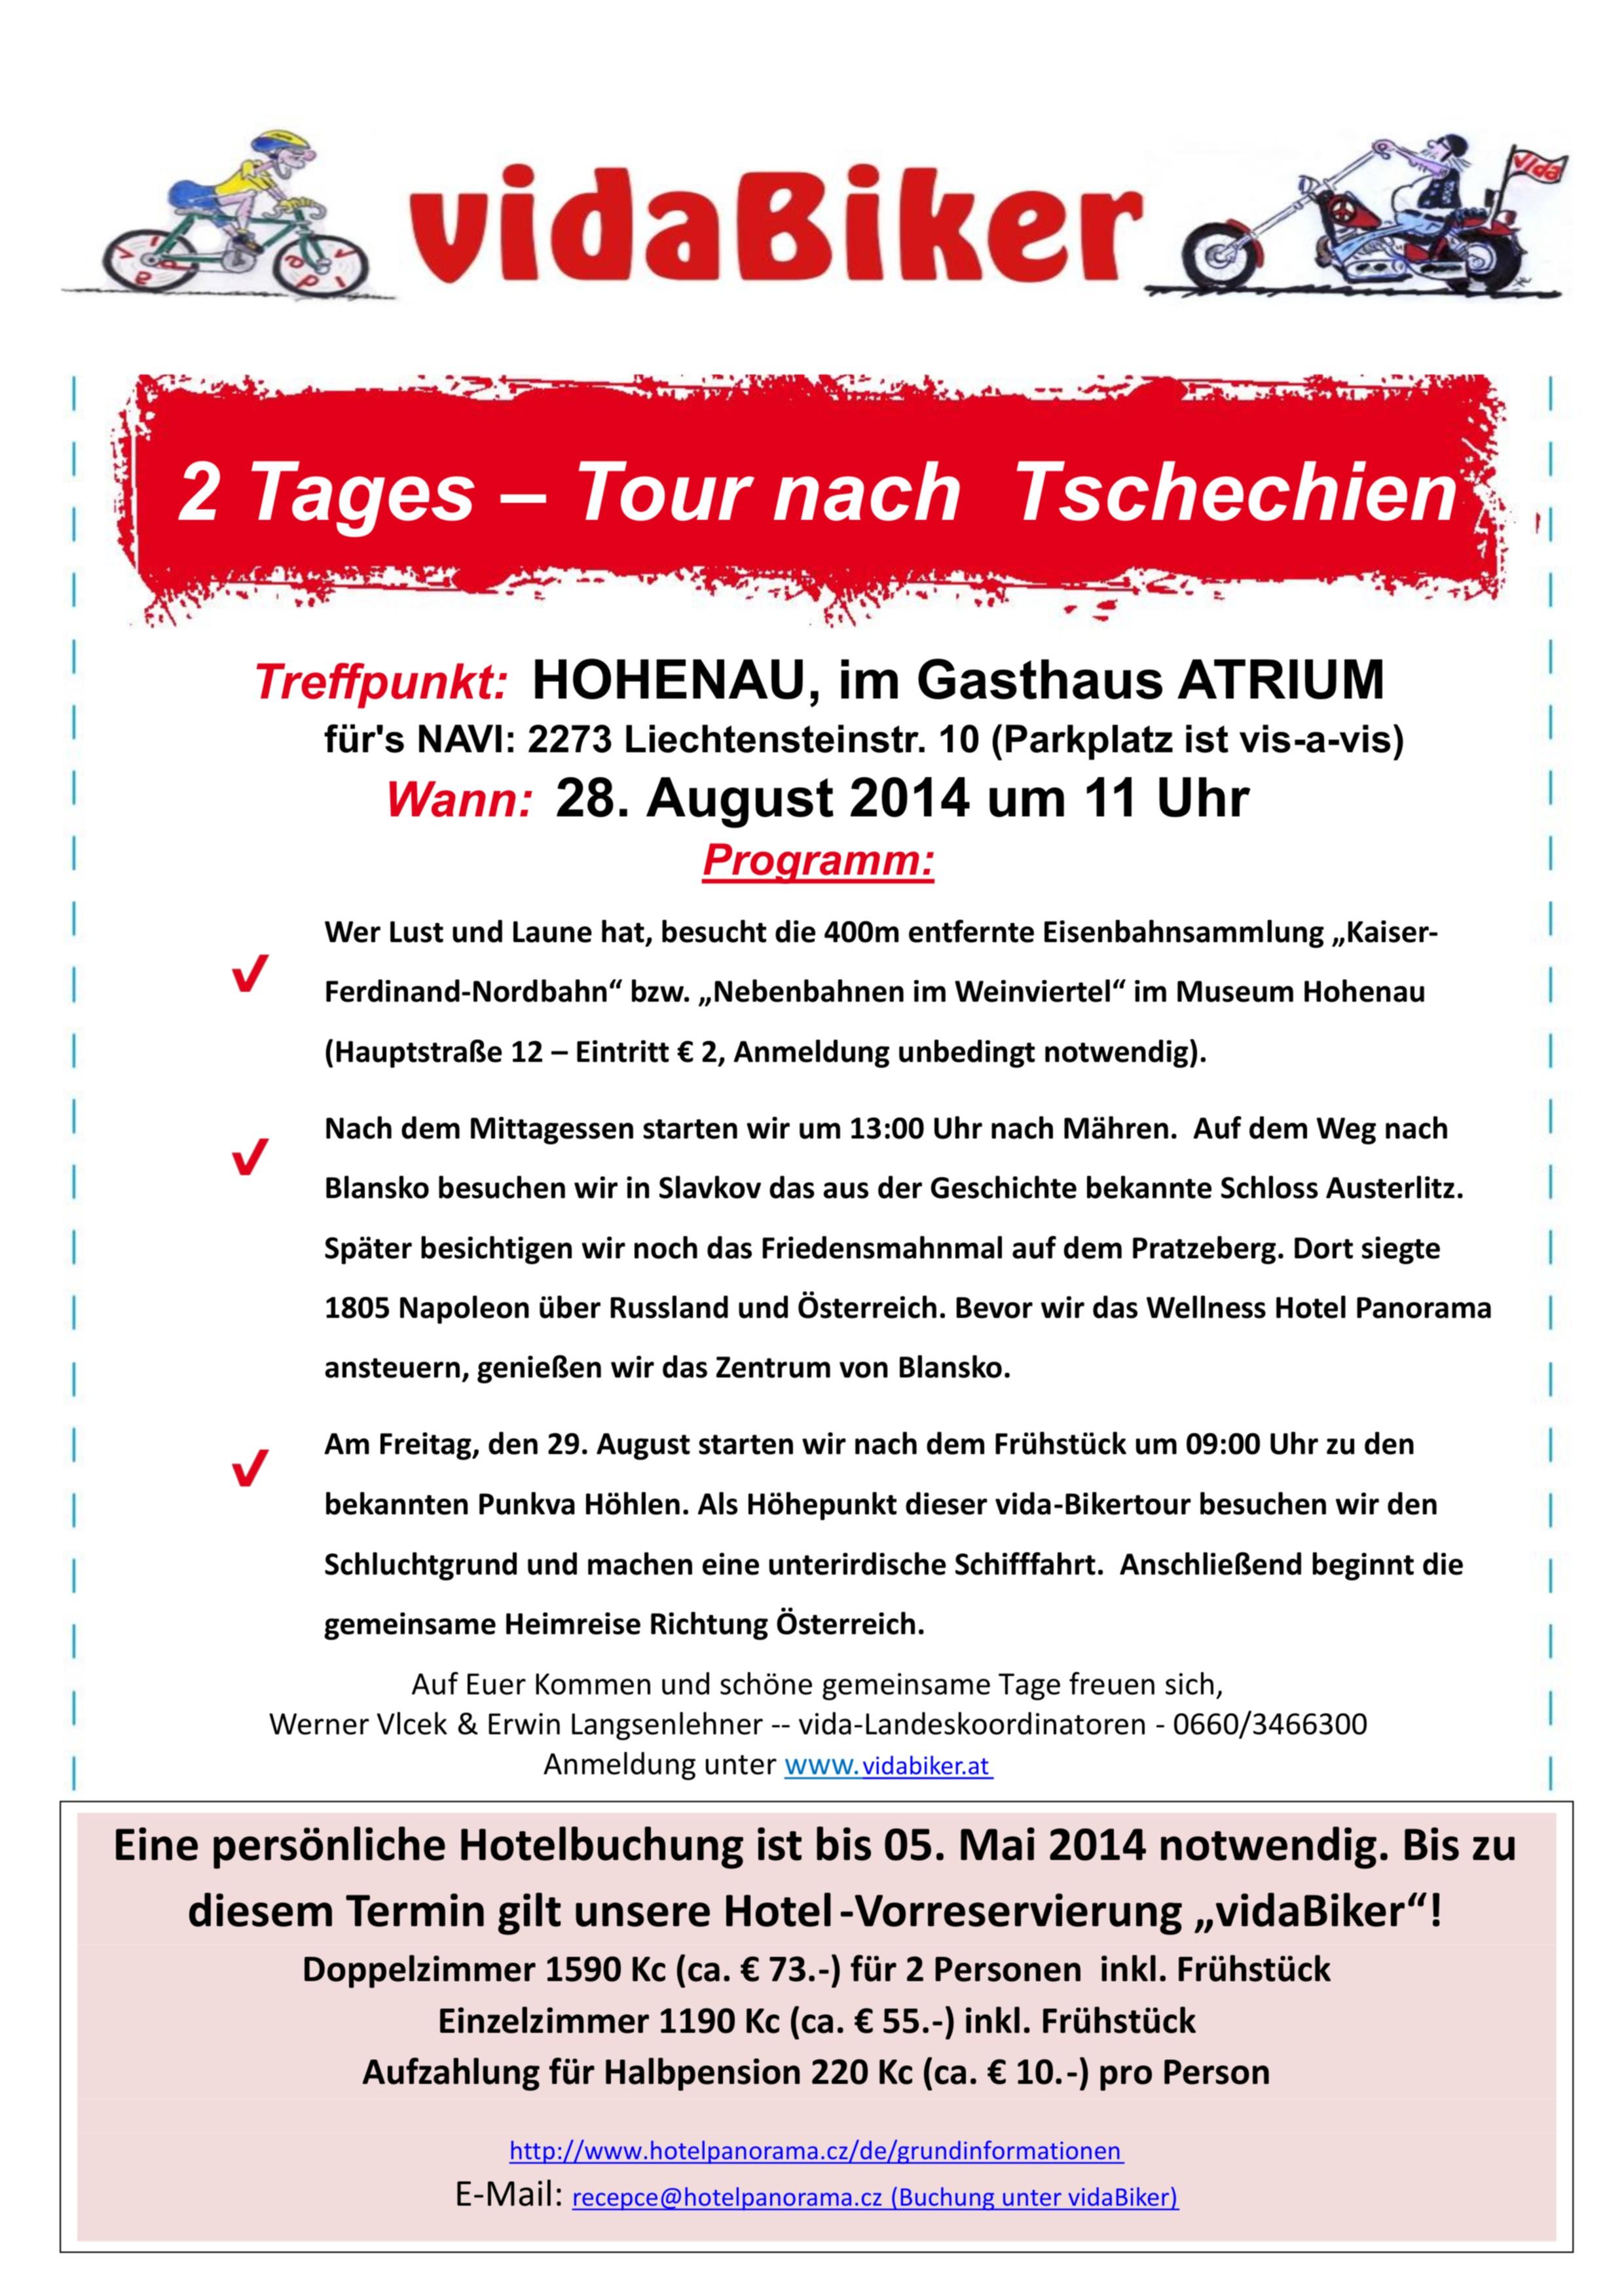 2TageTour_nach_Tschechien_Plakat_A4